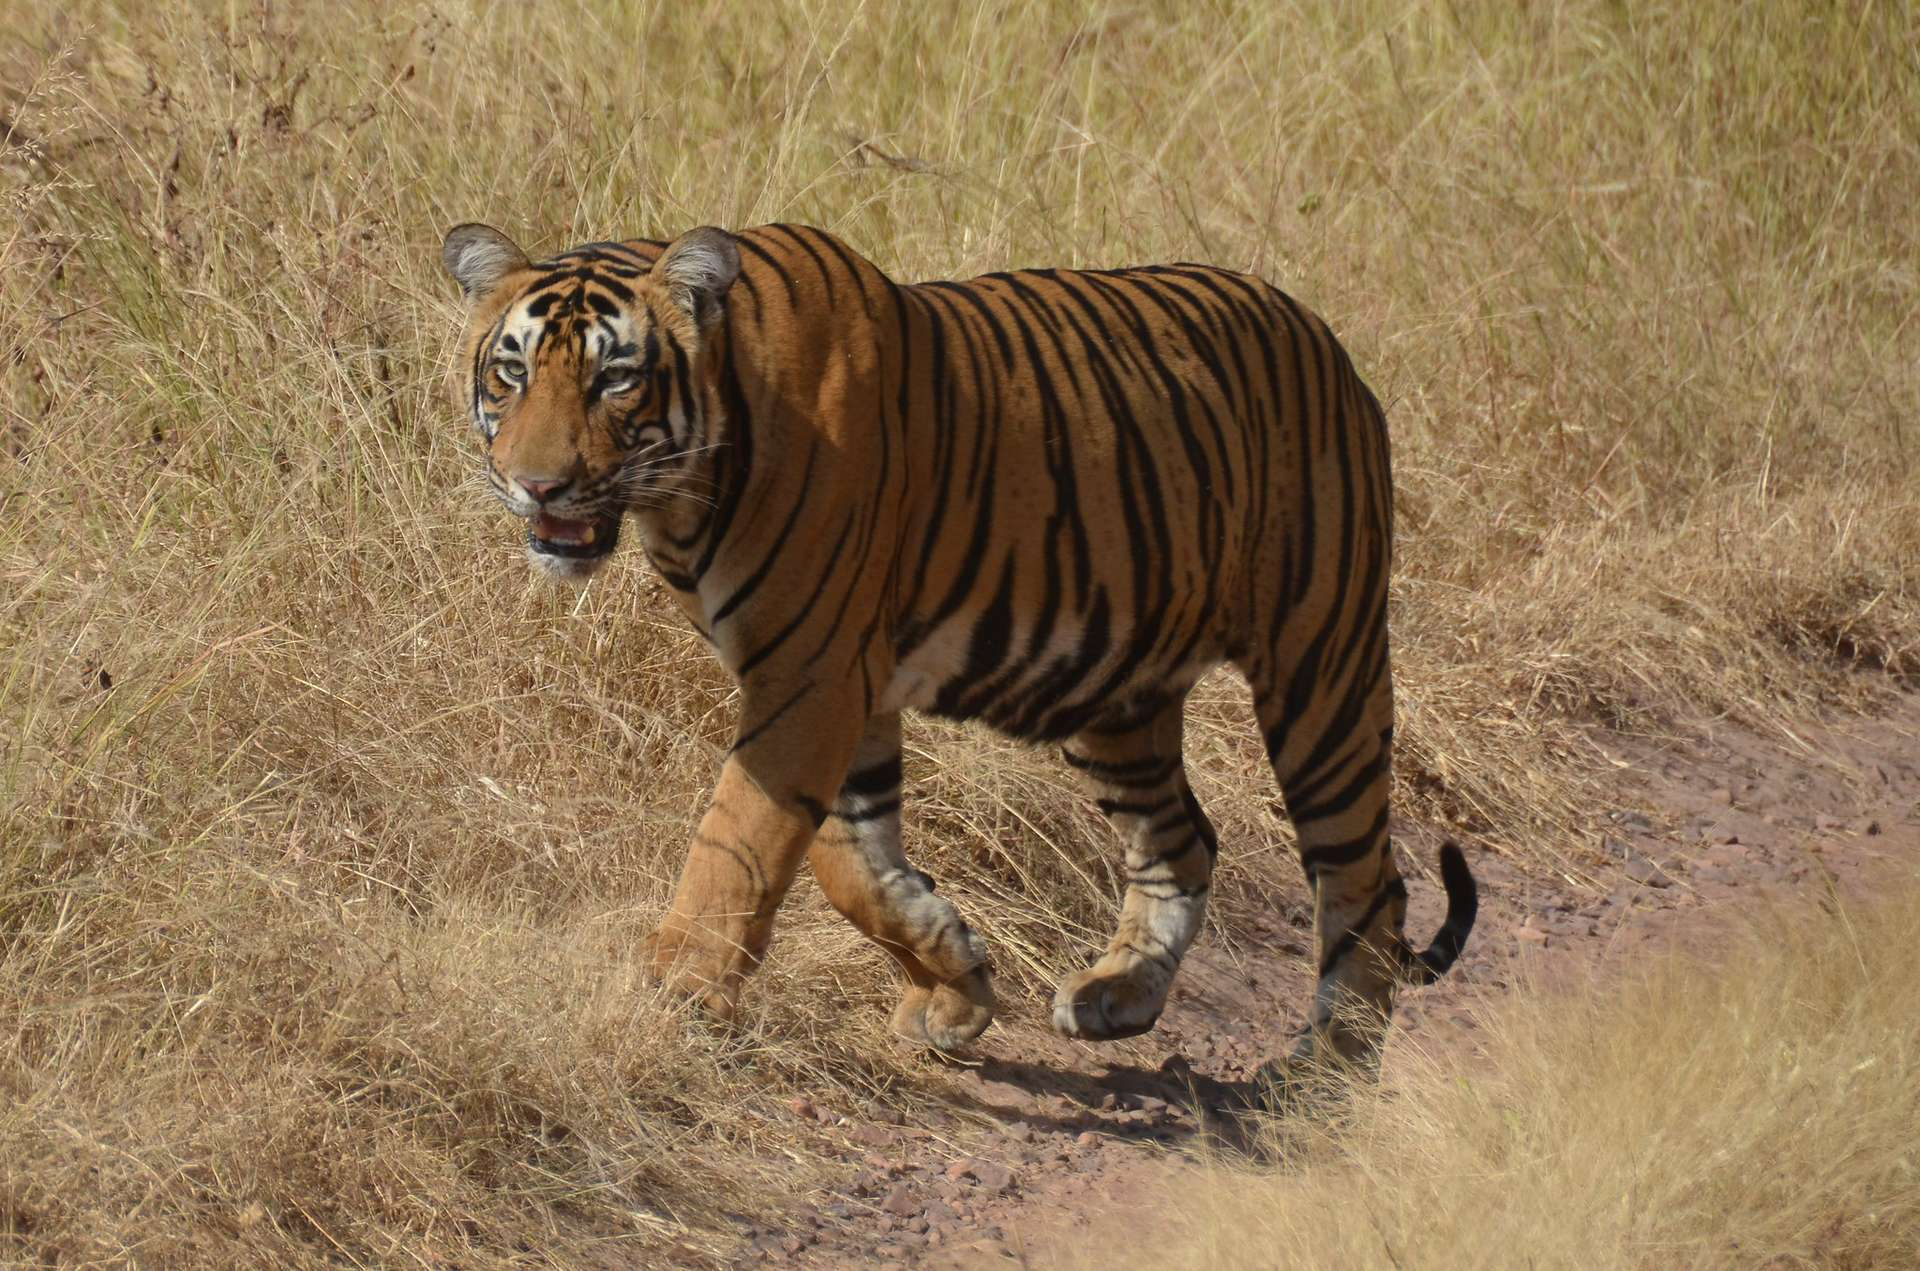 Le tigre a erré sur plus de 1.300 km à la recherche d'un nouveau territoire. © cloudzilla, Flickr